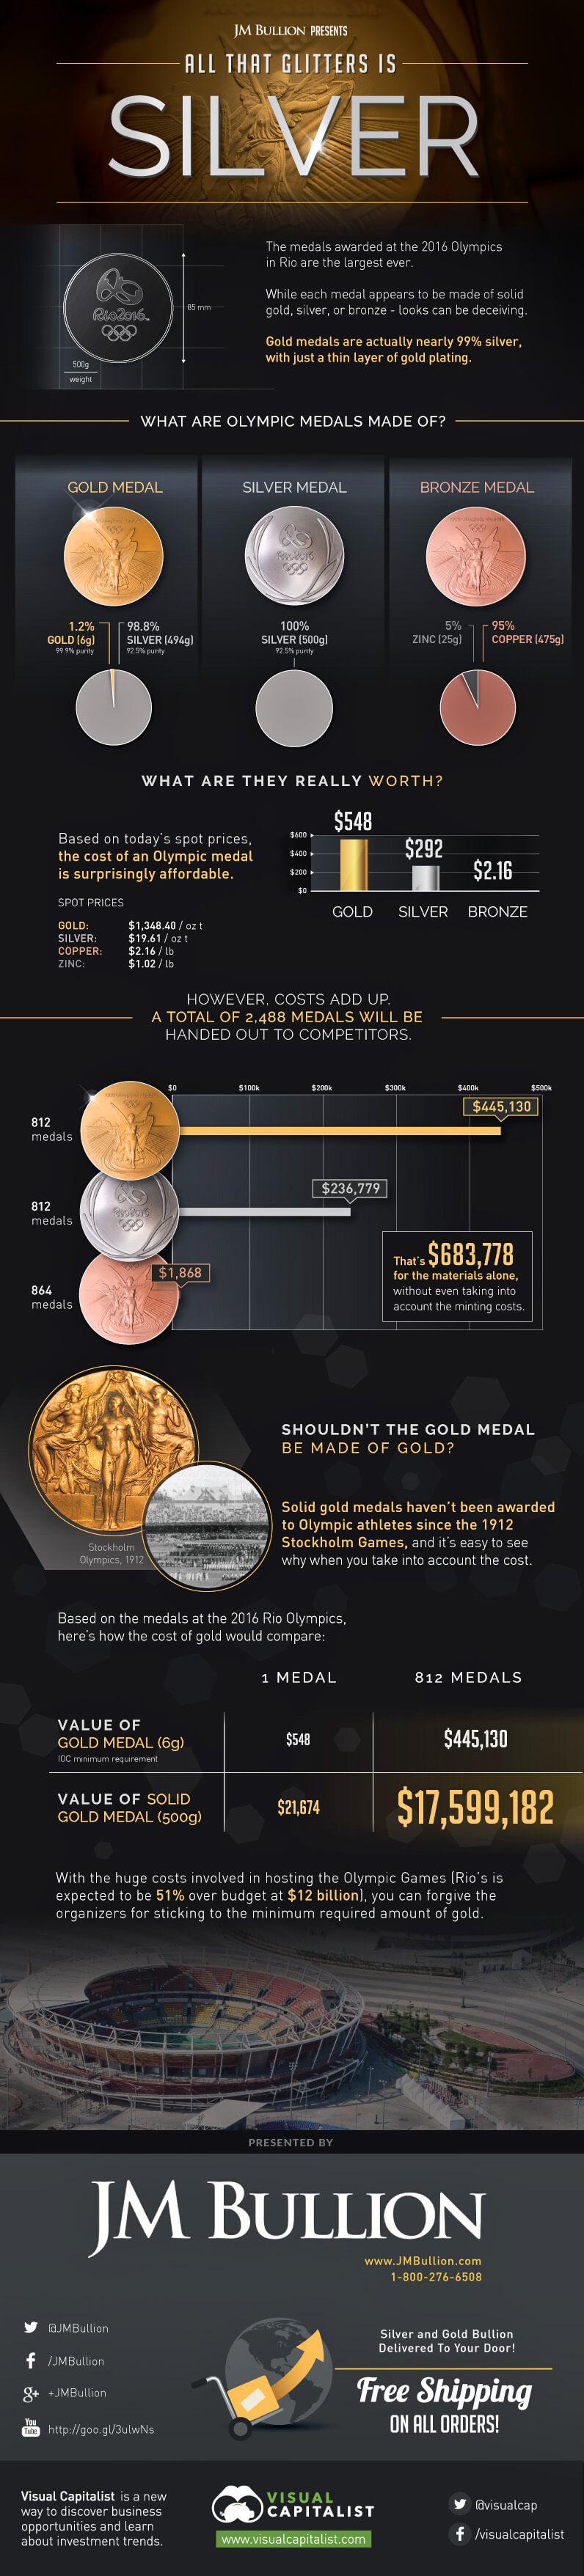 Valor do metal das medalhas Olímpicas